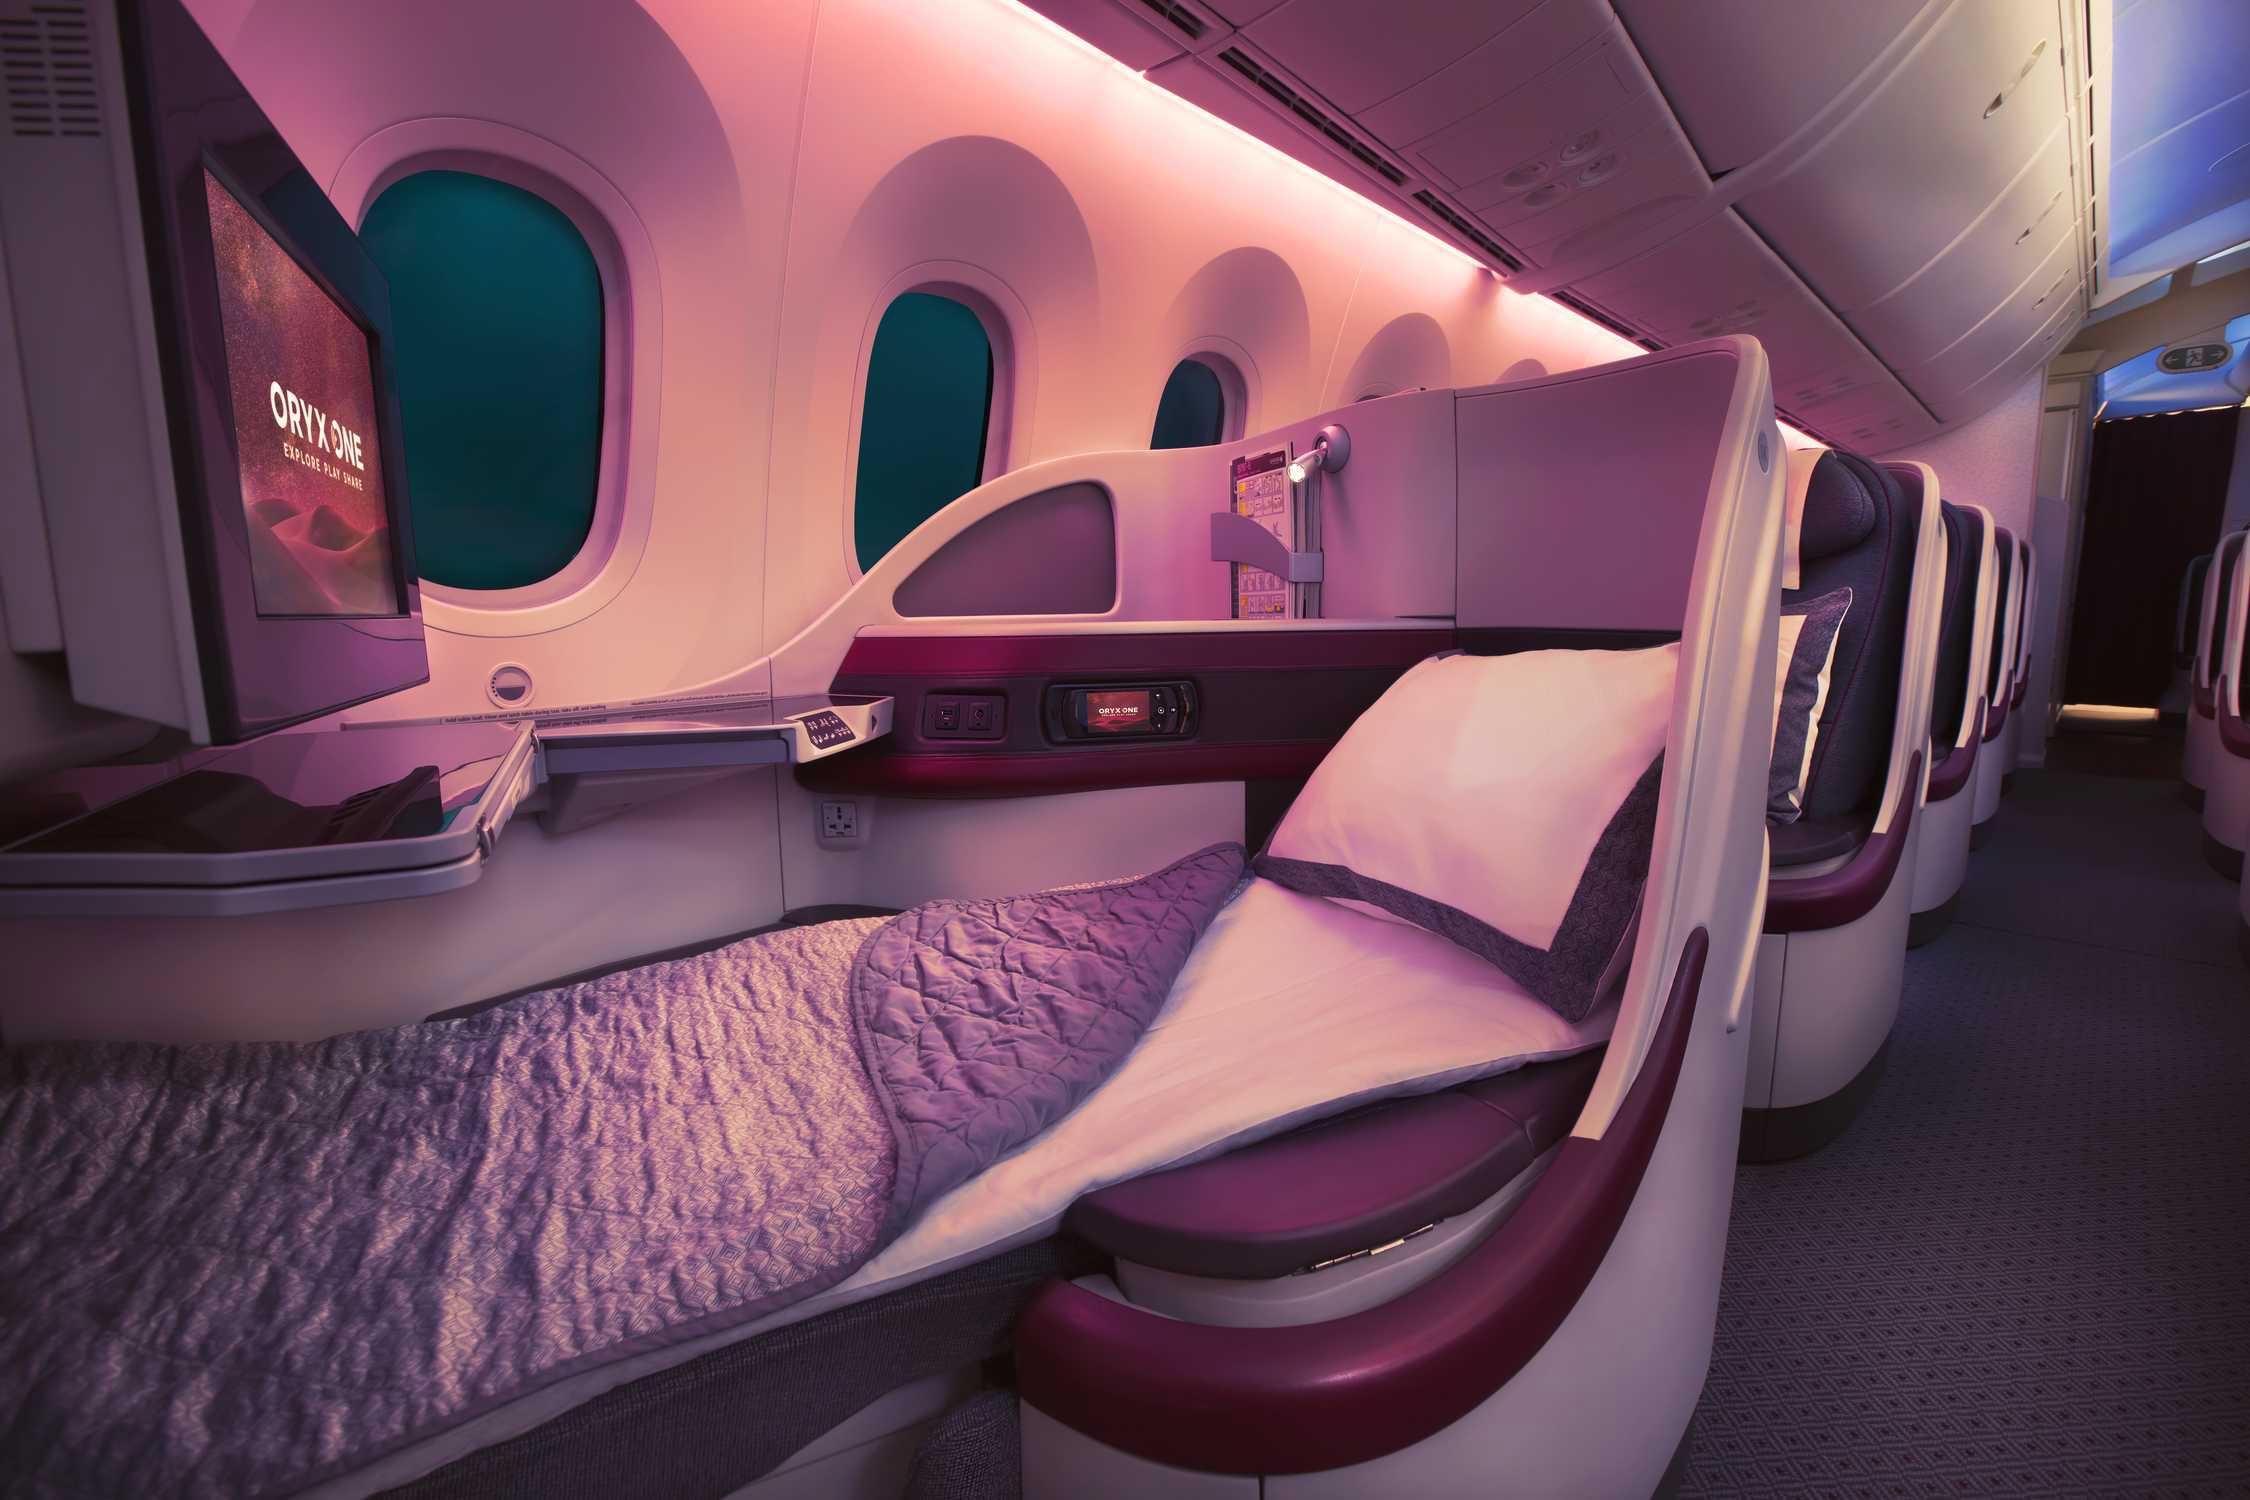 QR 787 J Bed (Qatar Airways)